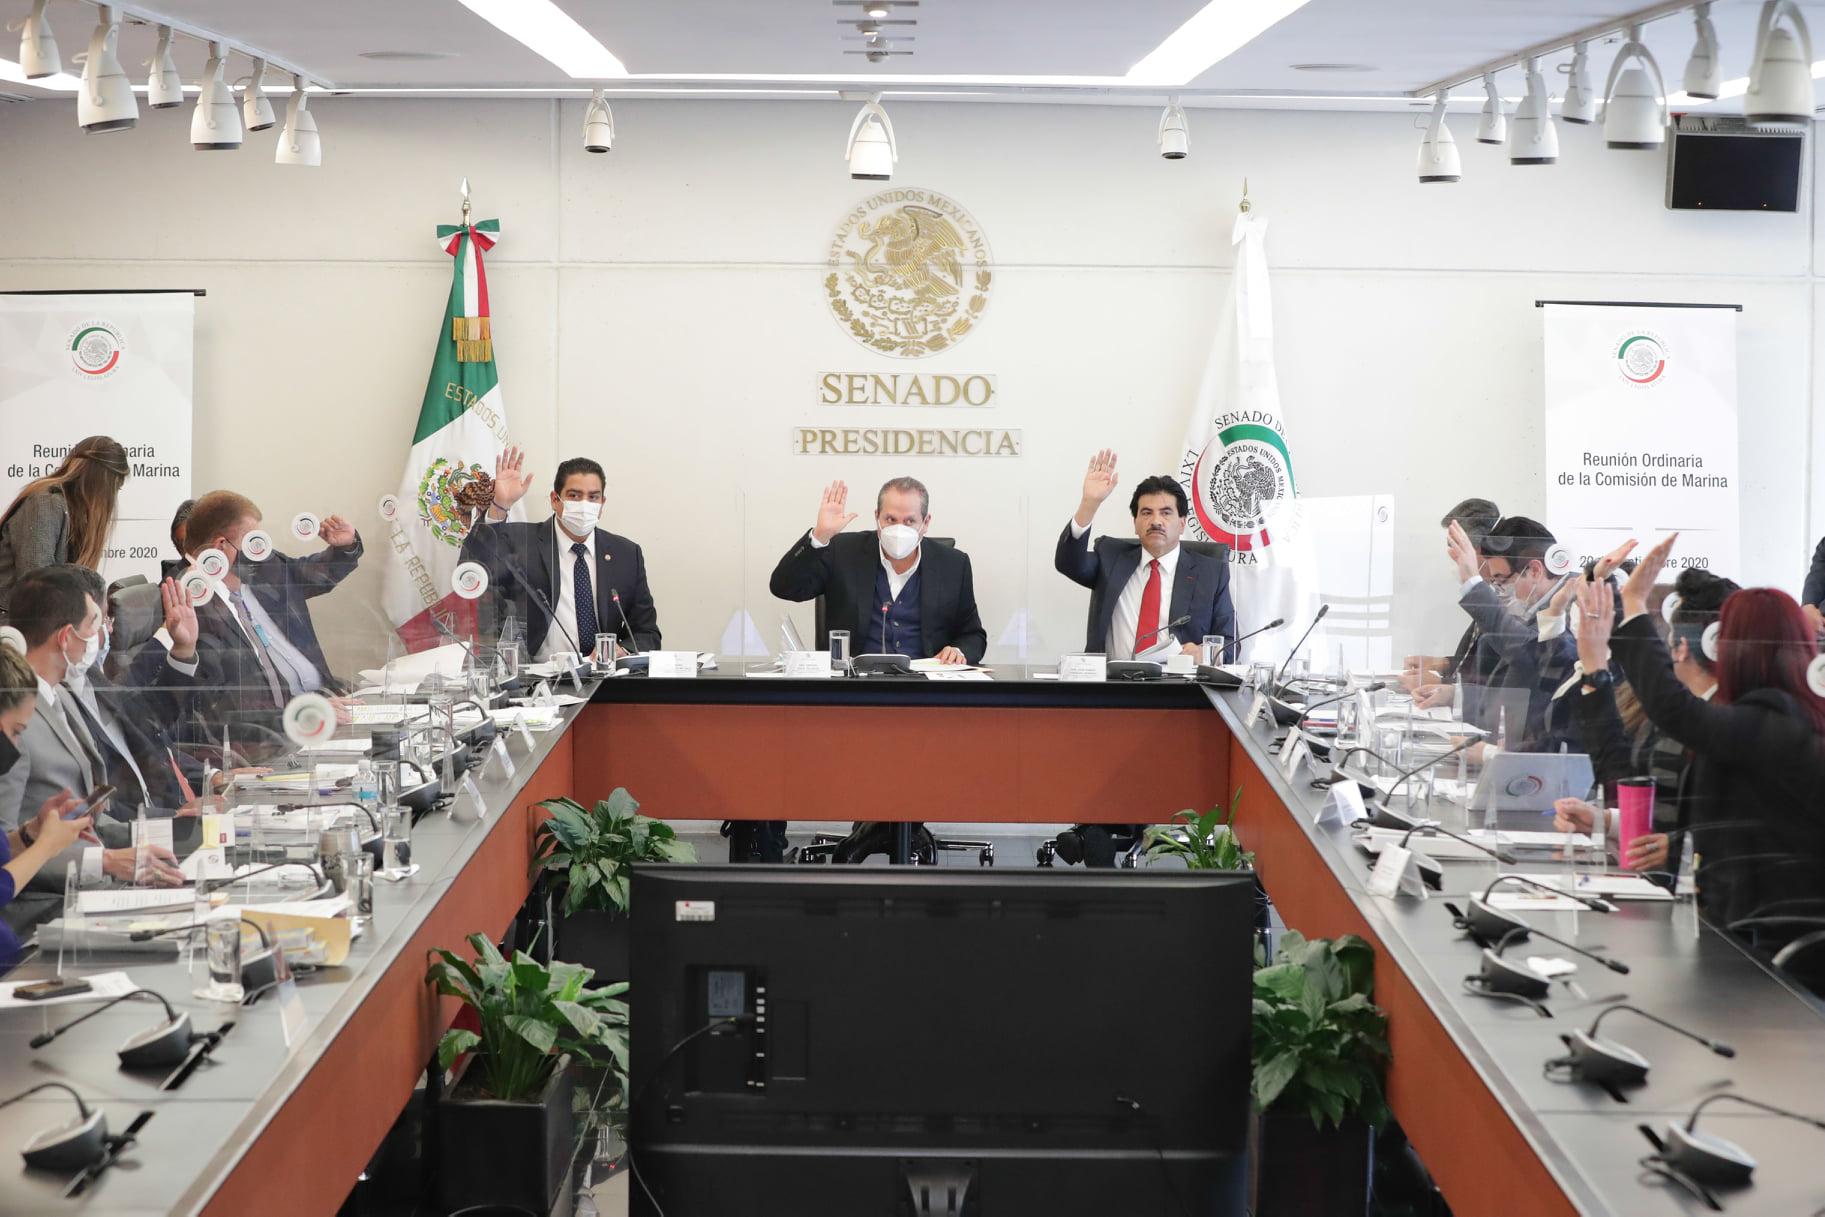 Senado de la República: Reunión de la Comisión de Marina.